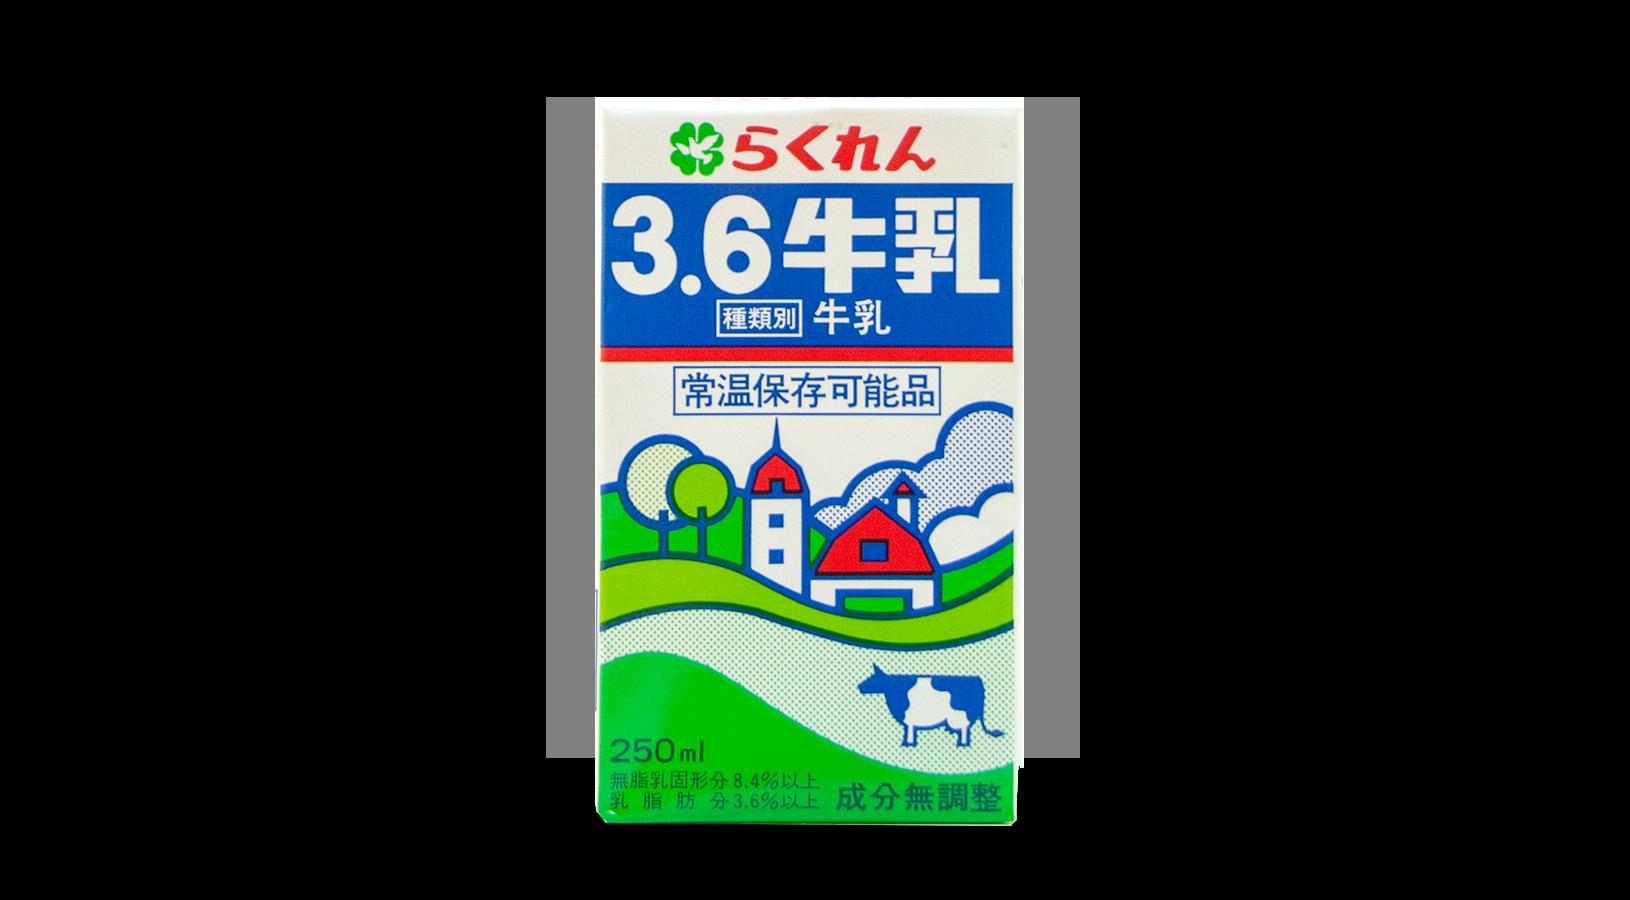 商品イメージ:らくれん3.6牛乳